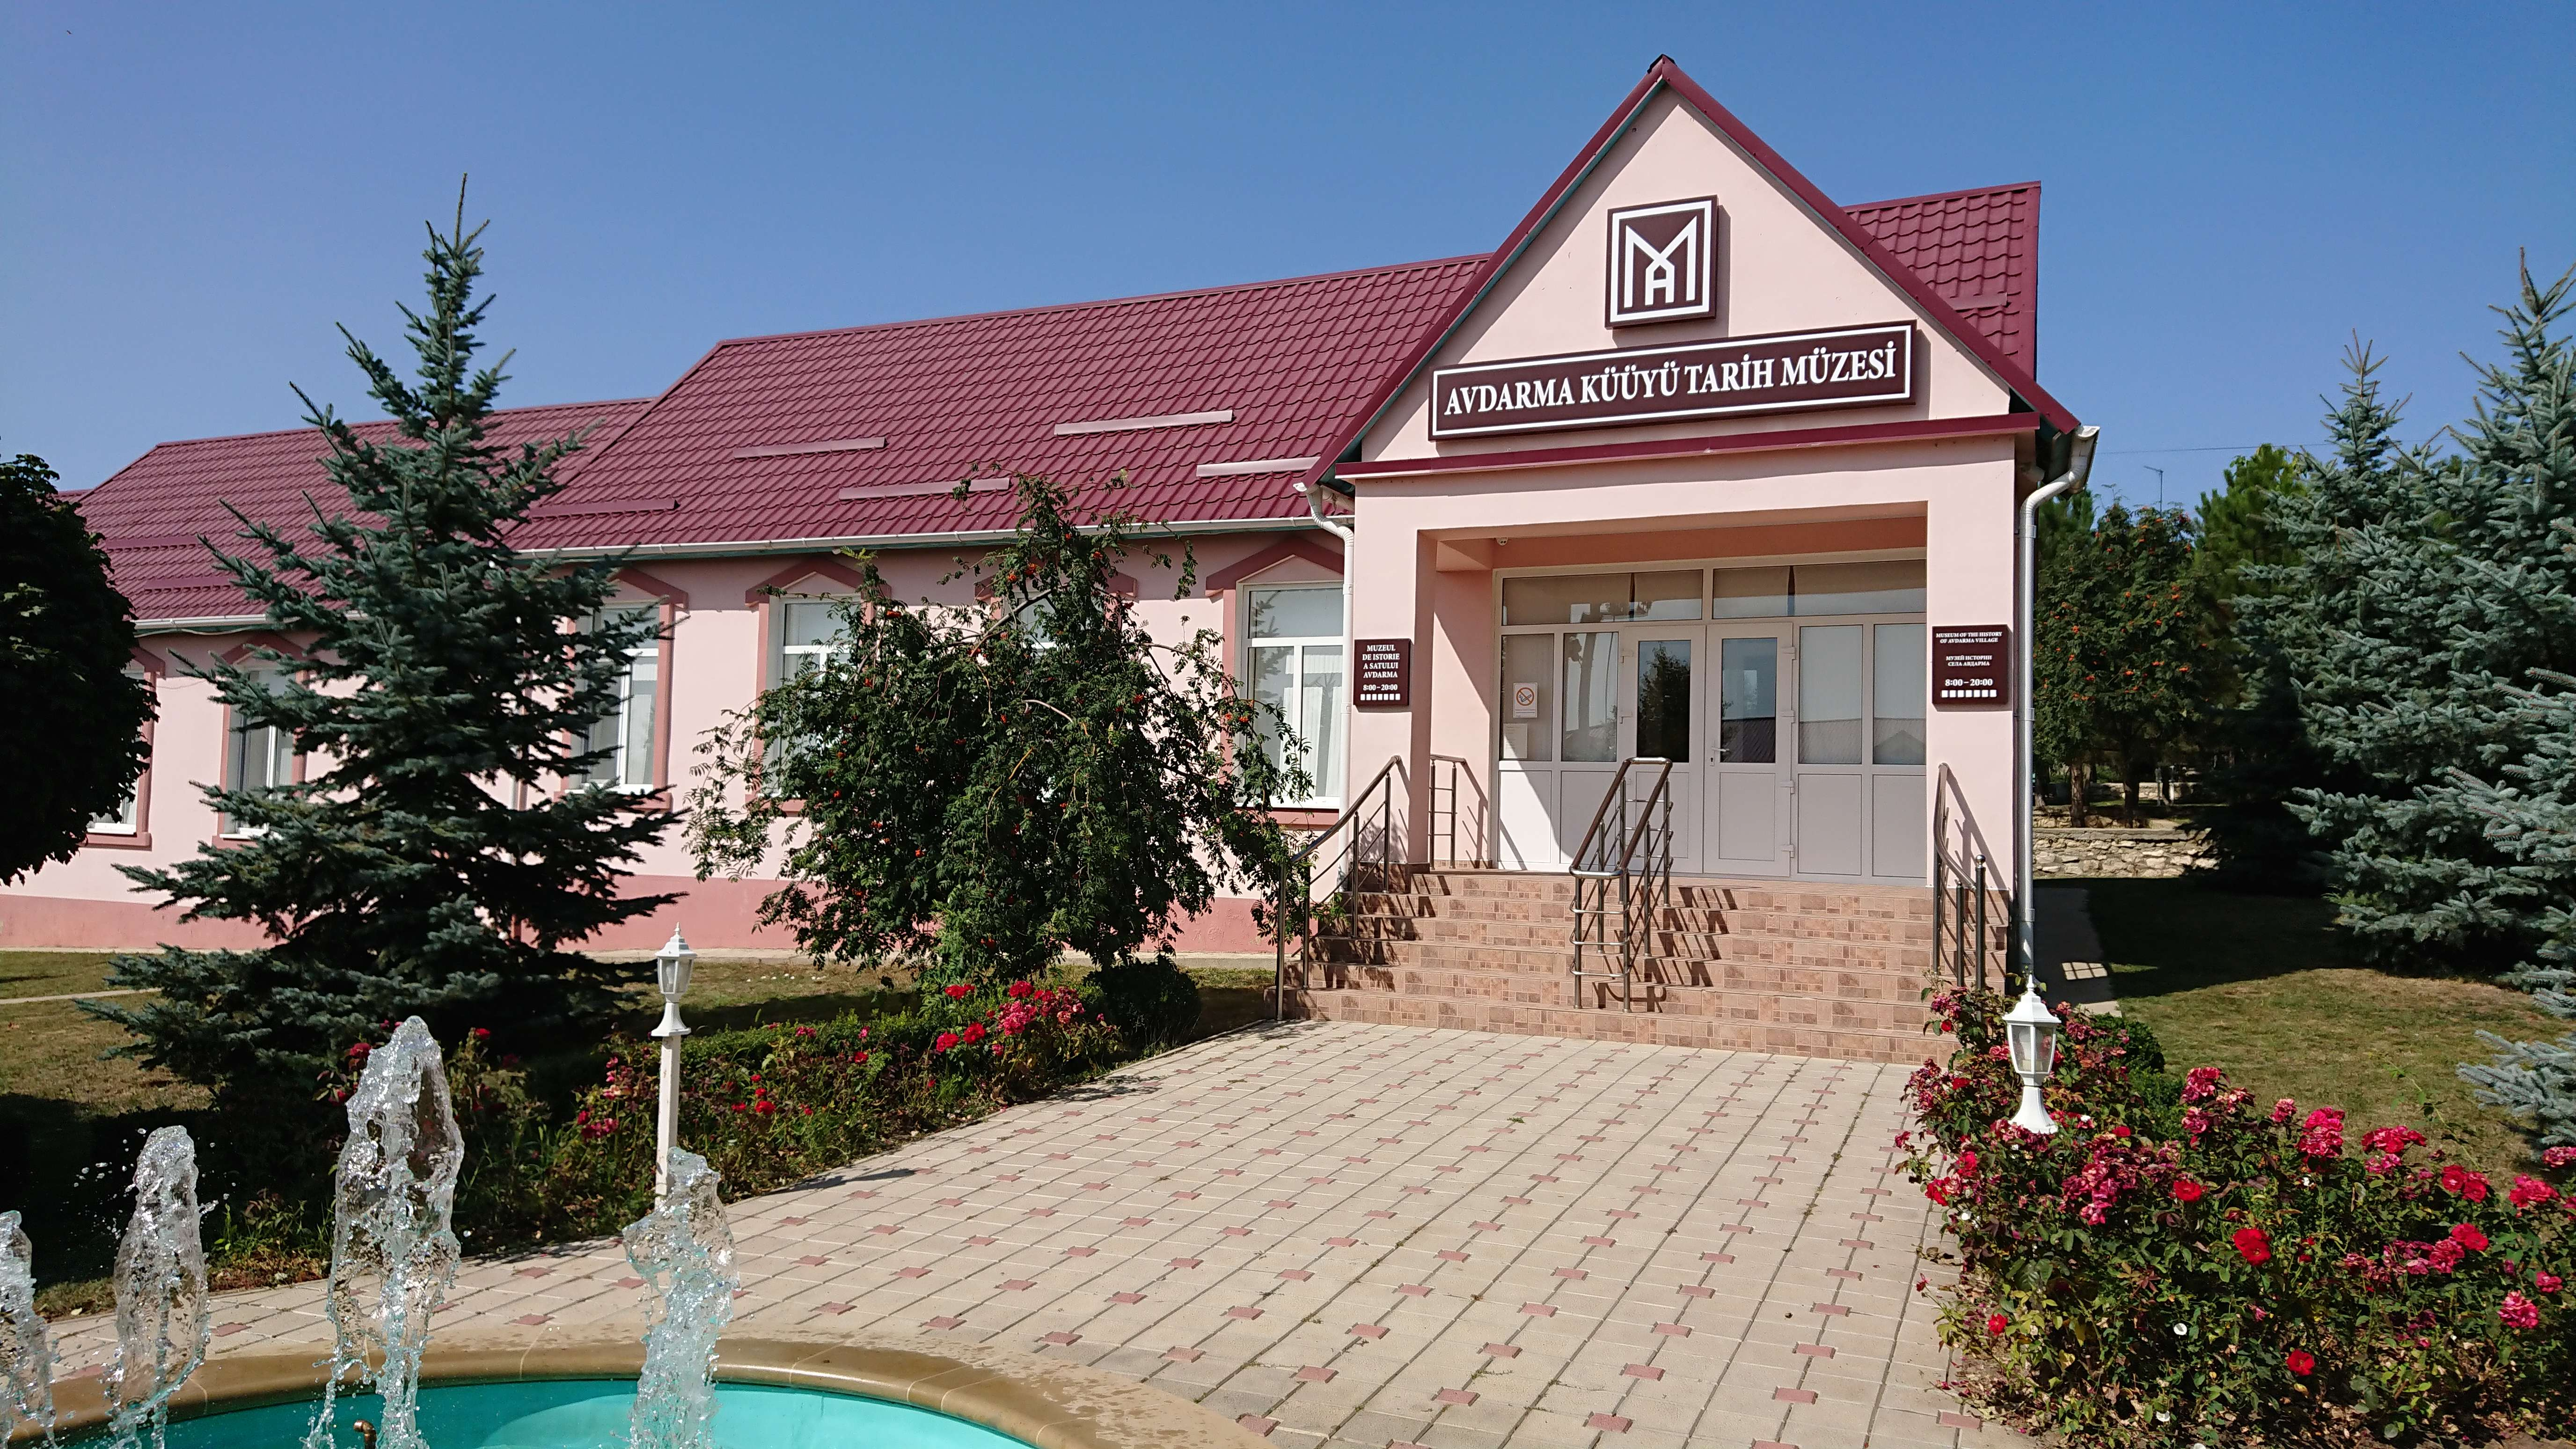 Muzeul de istorie a satului Avdarma